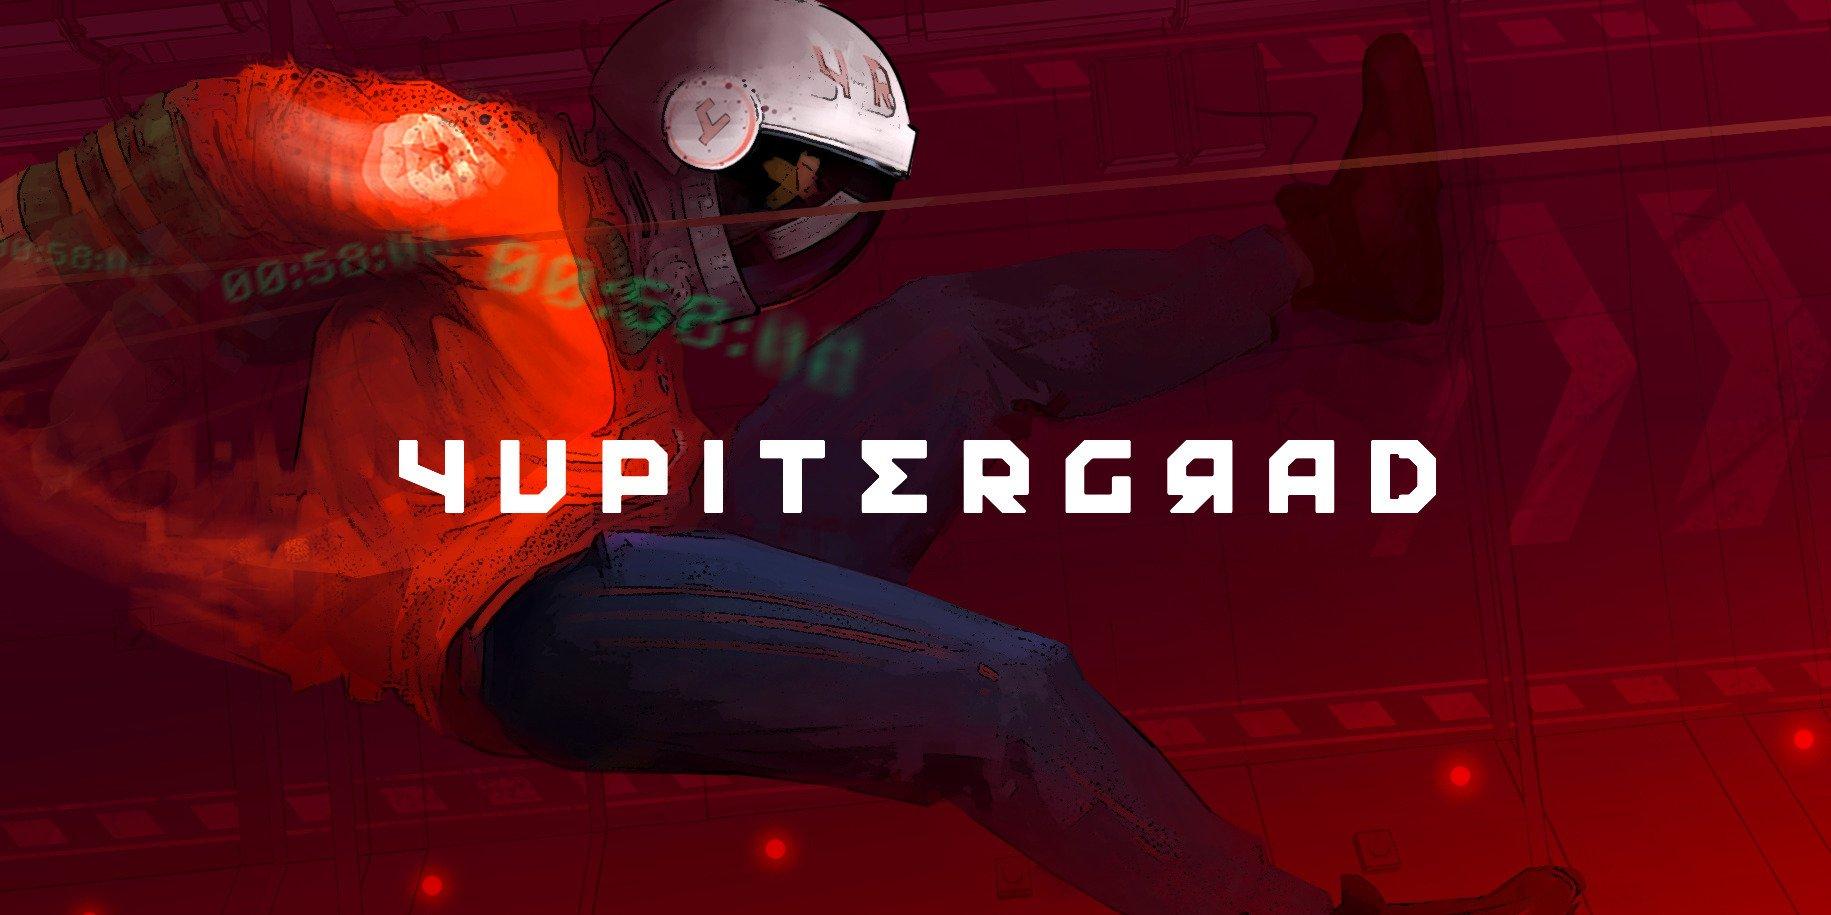 Советская космическая одиссея Yupitergrad достигла PlayStation VR! Надевайте шлем, хлопните рюмашку и вперед, покорять Юпитер!